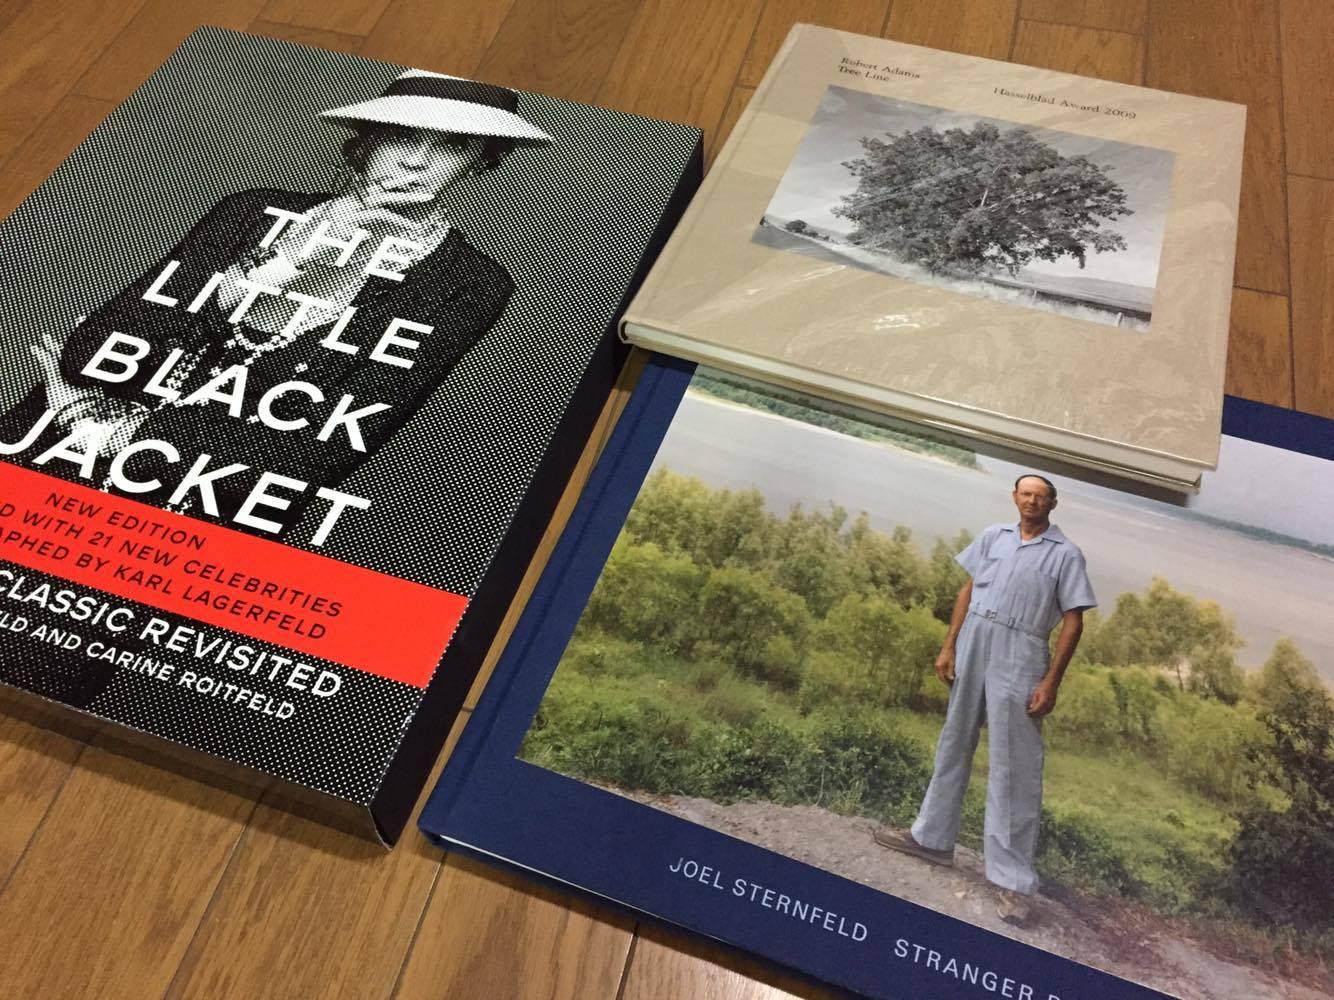 印刷にも関心が高い白水さん。写真はドイツのスタイデルが印刷した書籍。